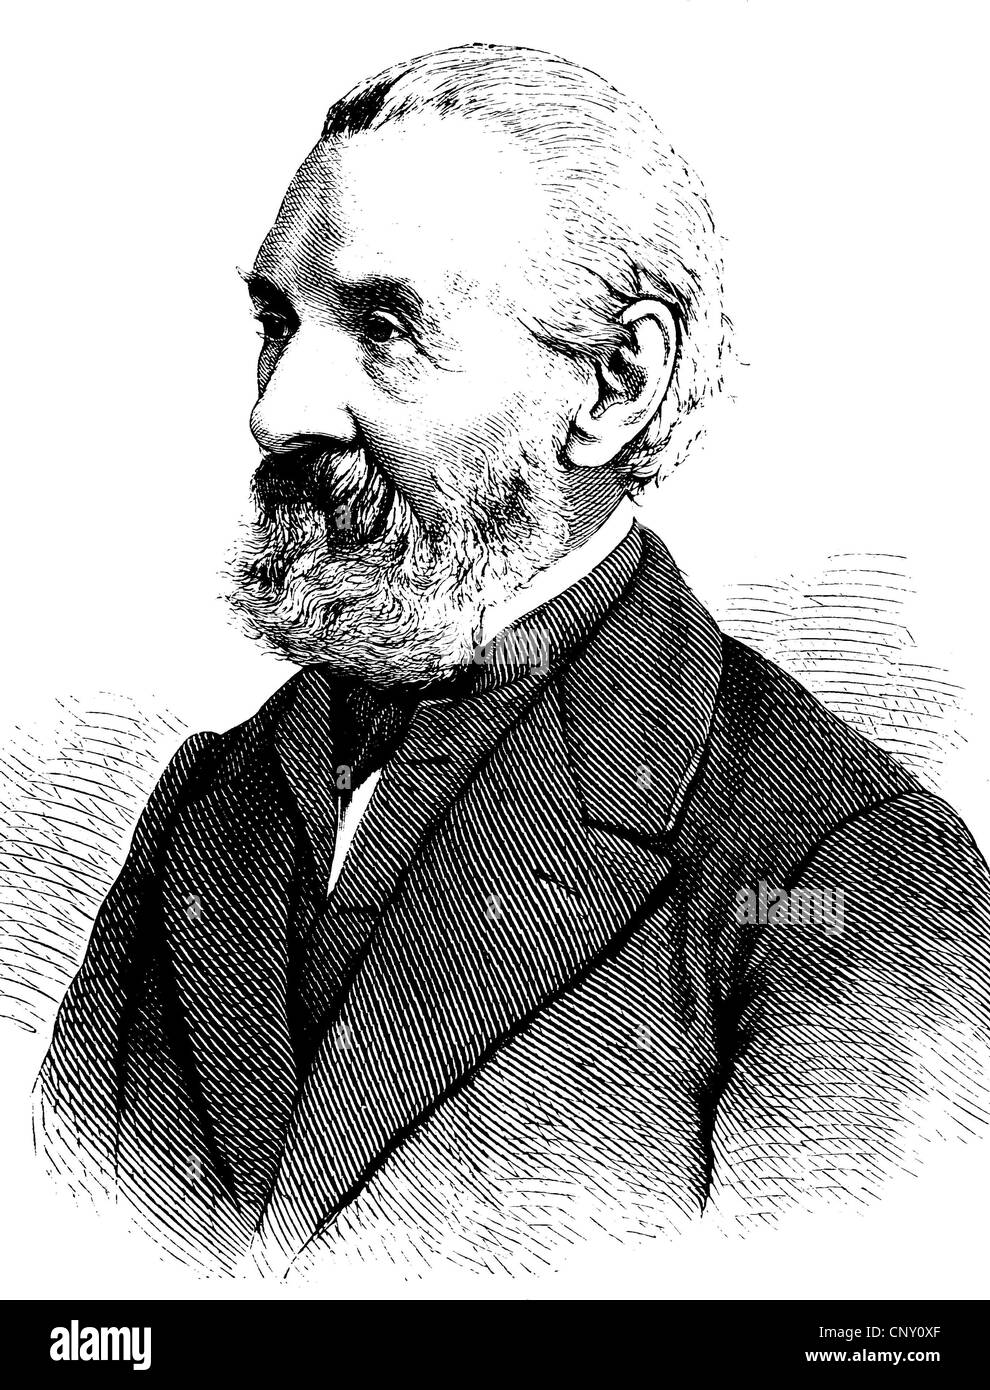 Ernst Heinrich Carl von Dechen, 1800 - 1899, a professor of mining engineering and inventor, historical engraving, - Stock Image